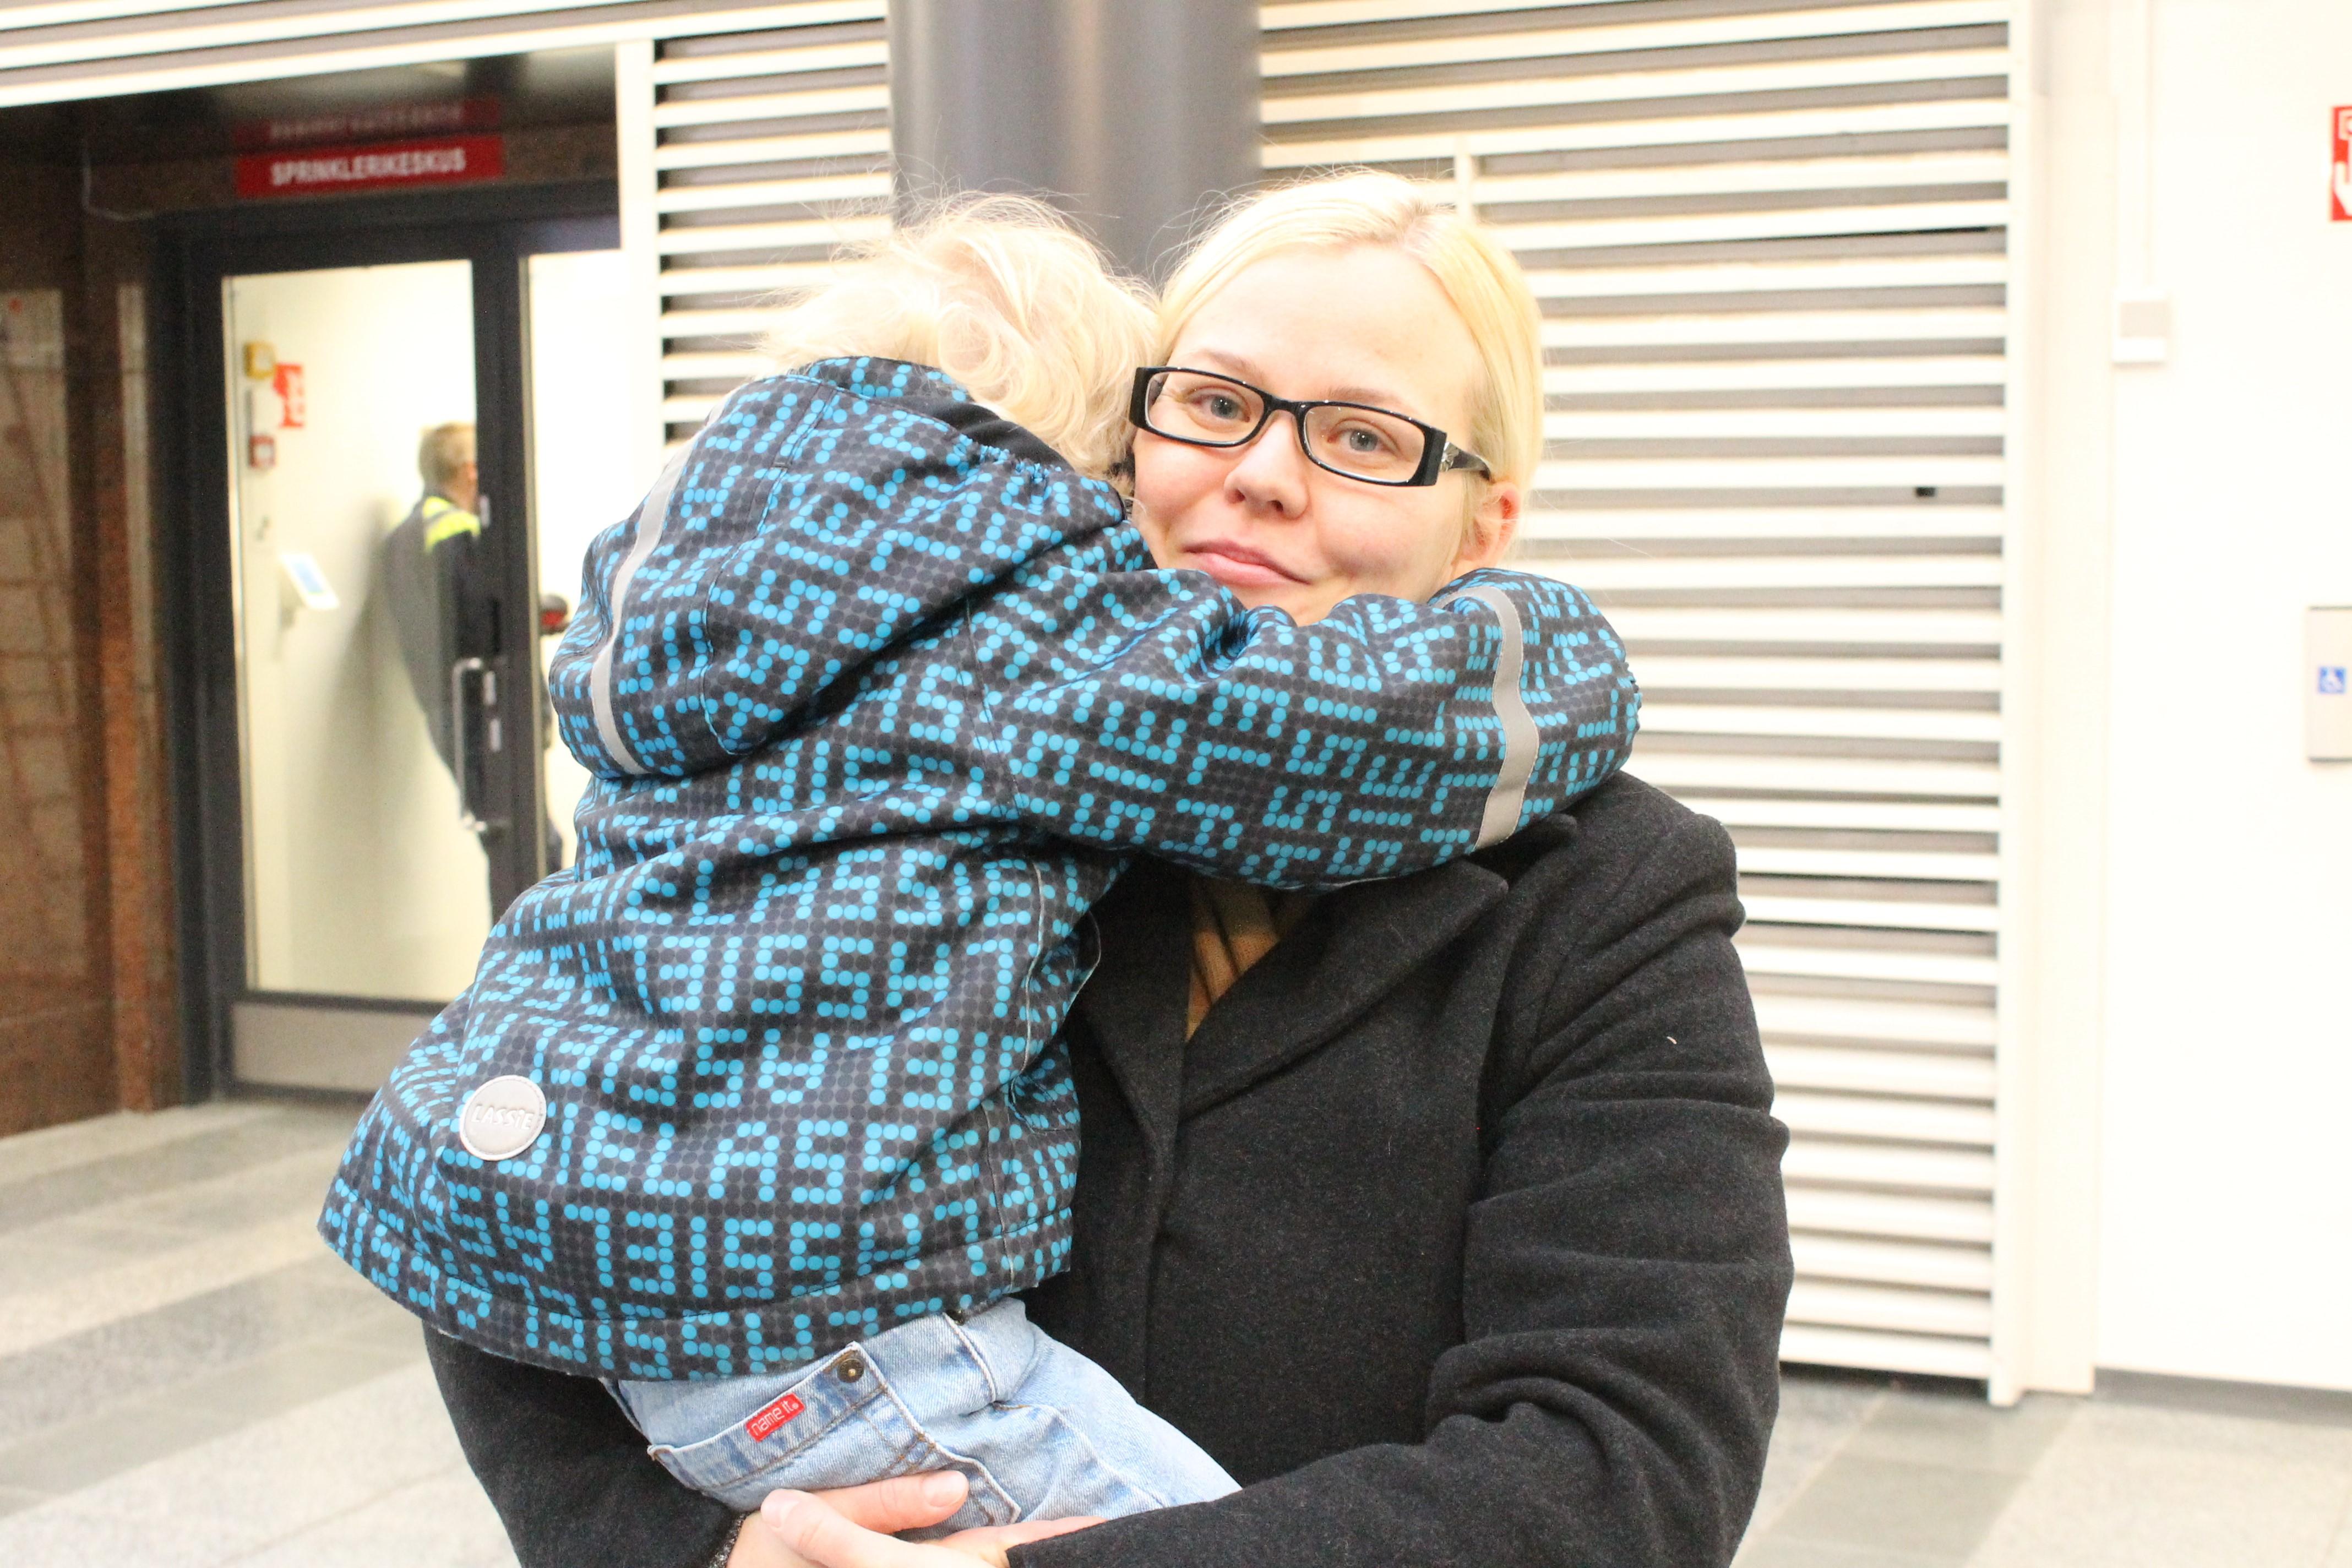 Piia Heinosen taloudessa tarvitaan monta joulukalenteria. Kuva: Lotta Kuikka